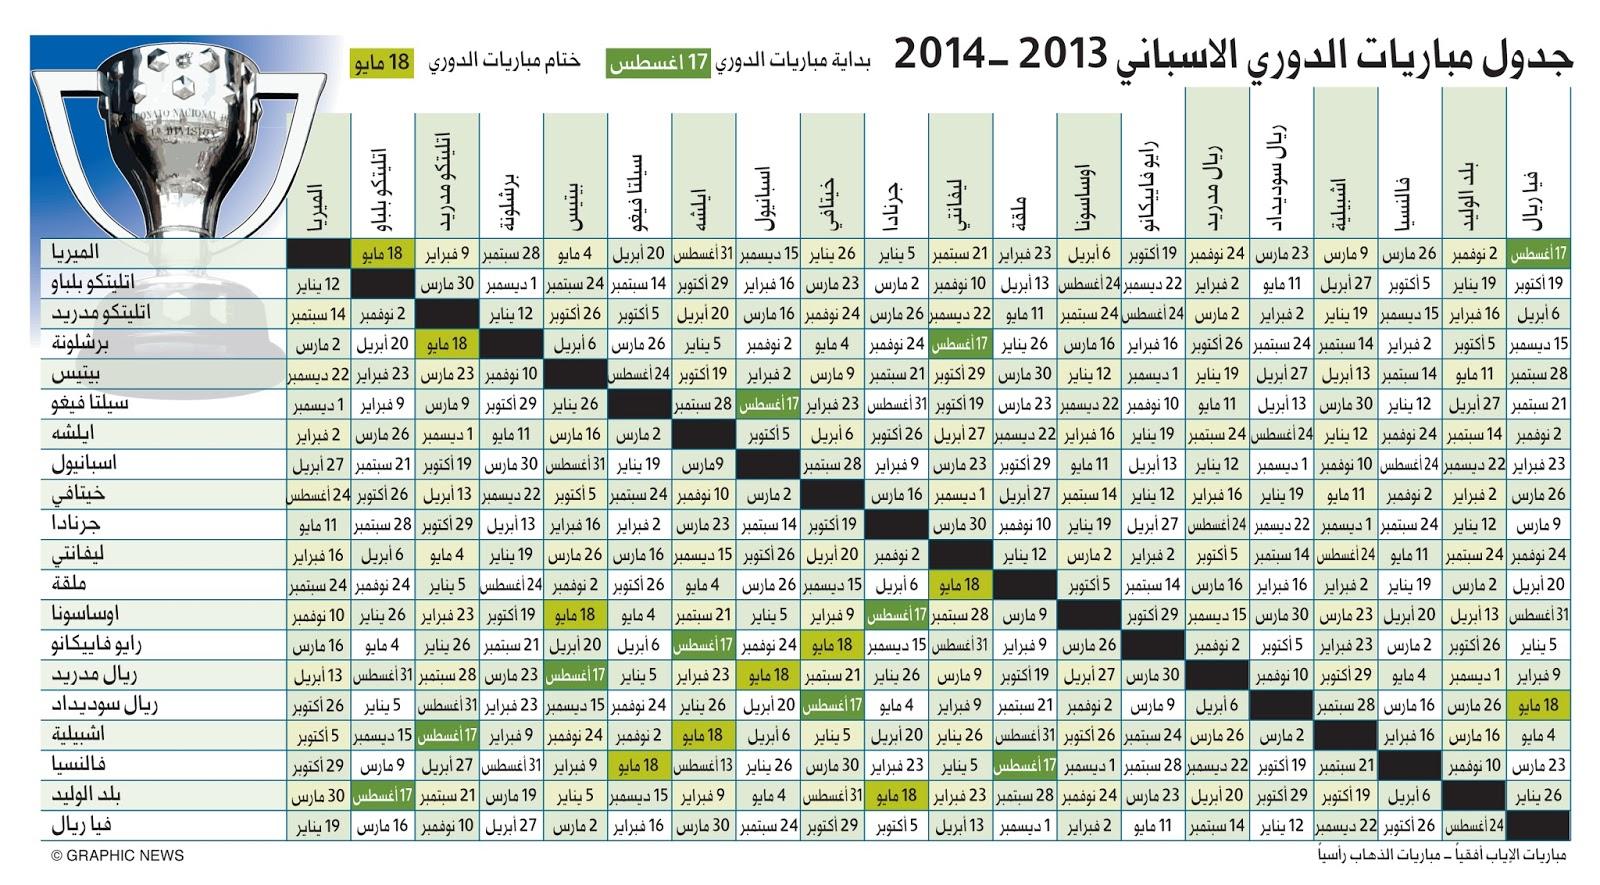 جدول مباريات الدورى الاسبانى الليغا 2013 2014